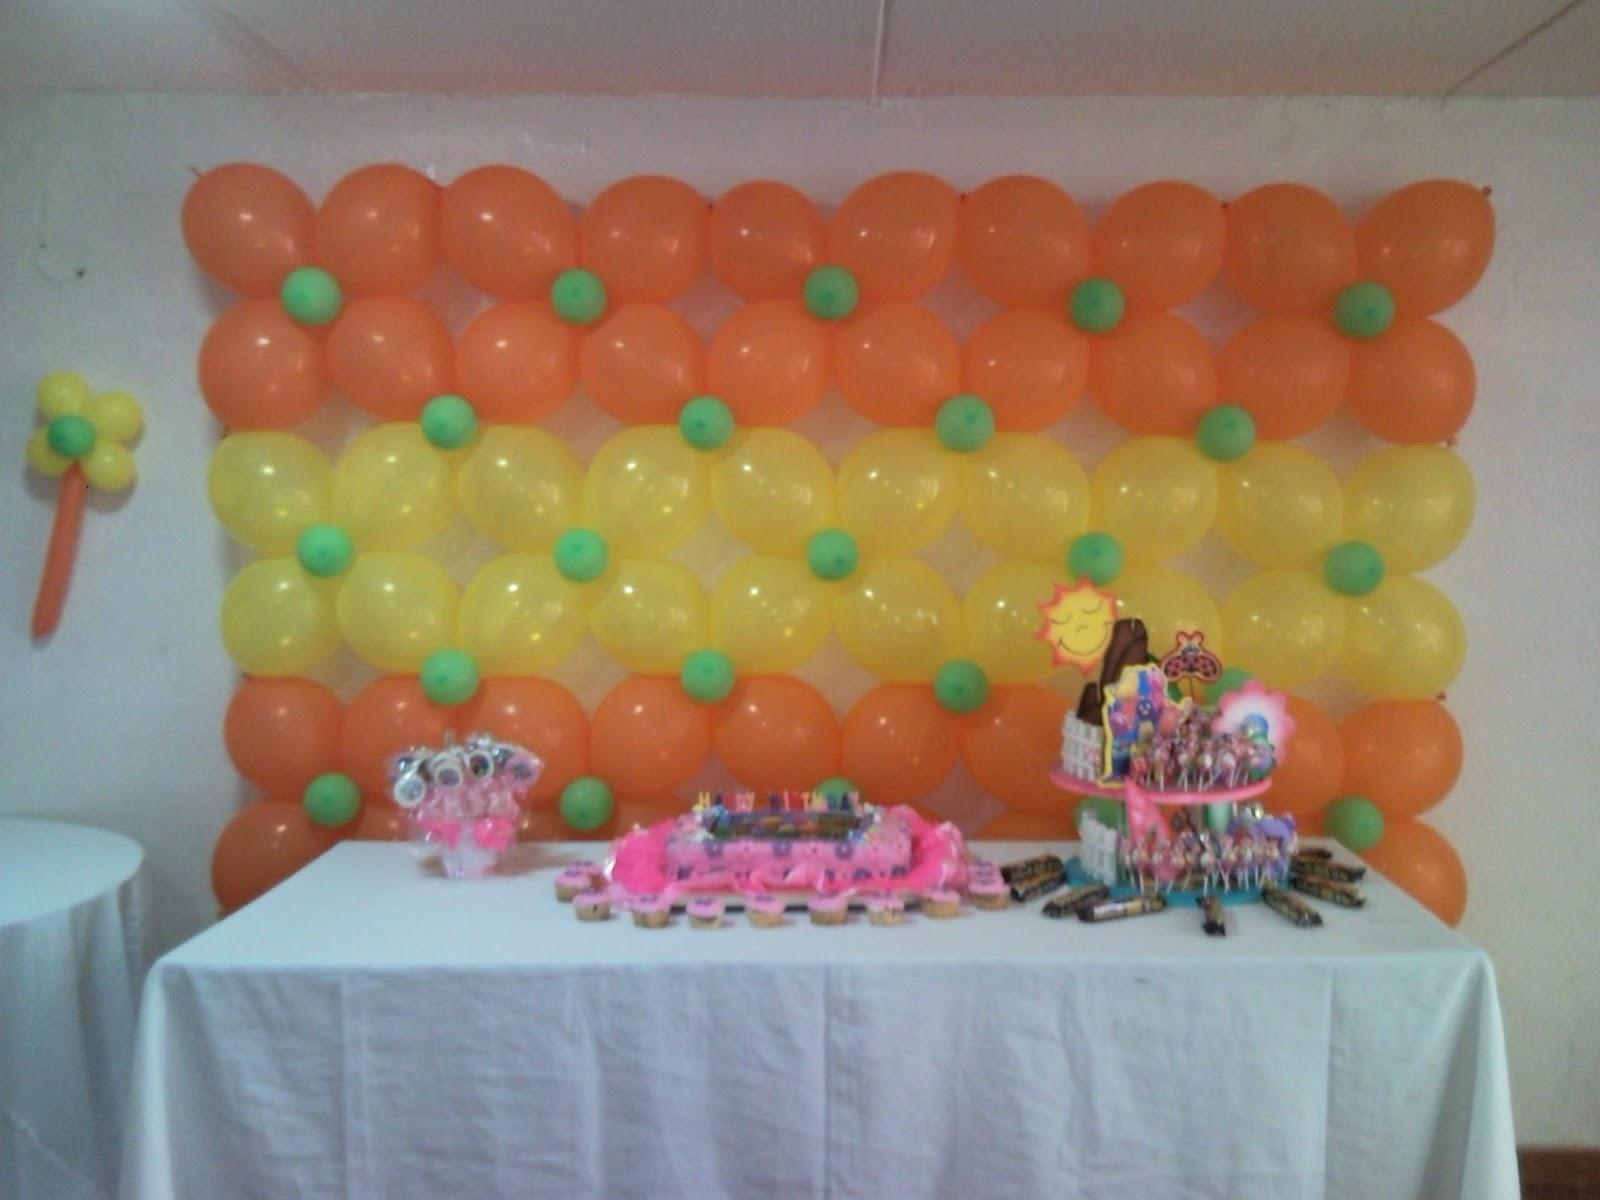 Decoraciones con globos maya o pared de globos - Decoraciones para la pared ...